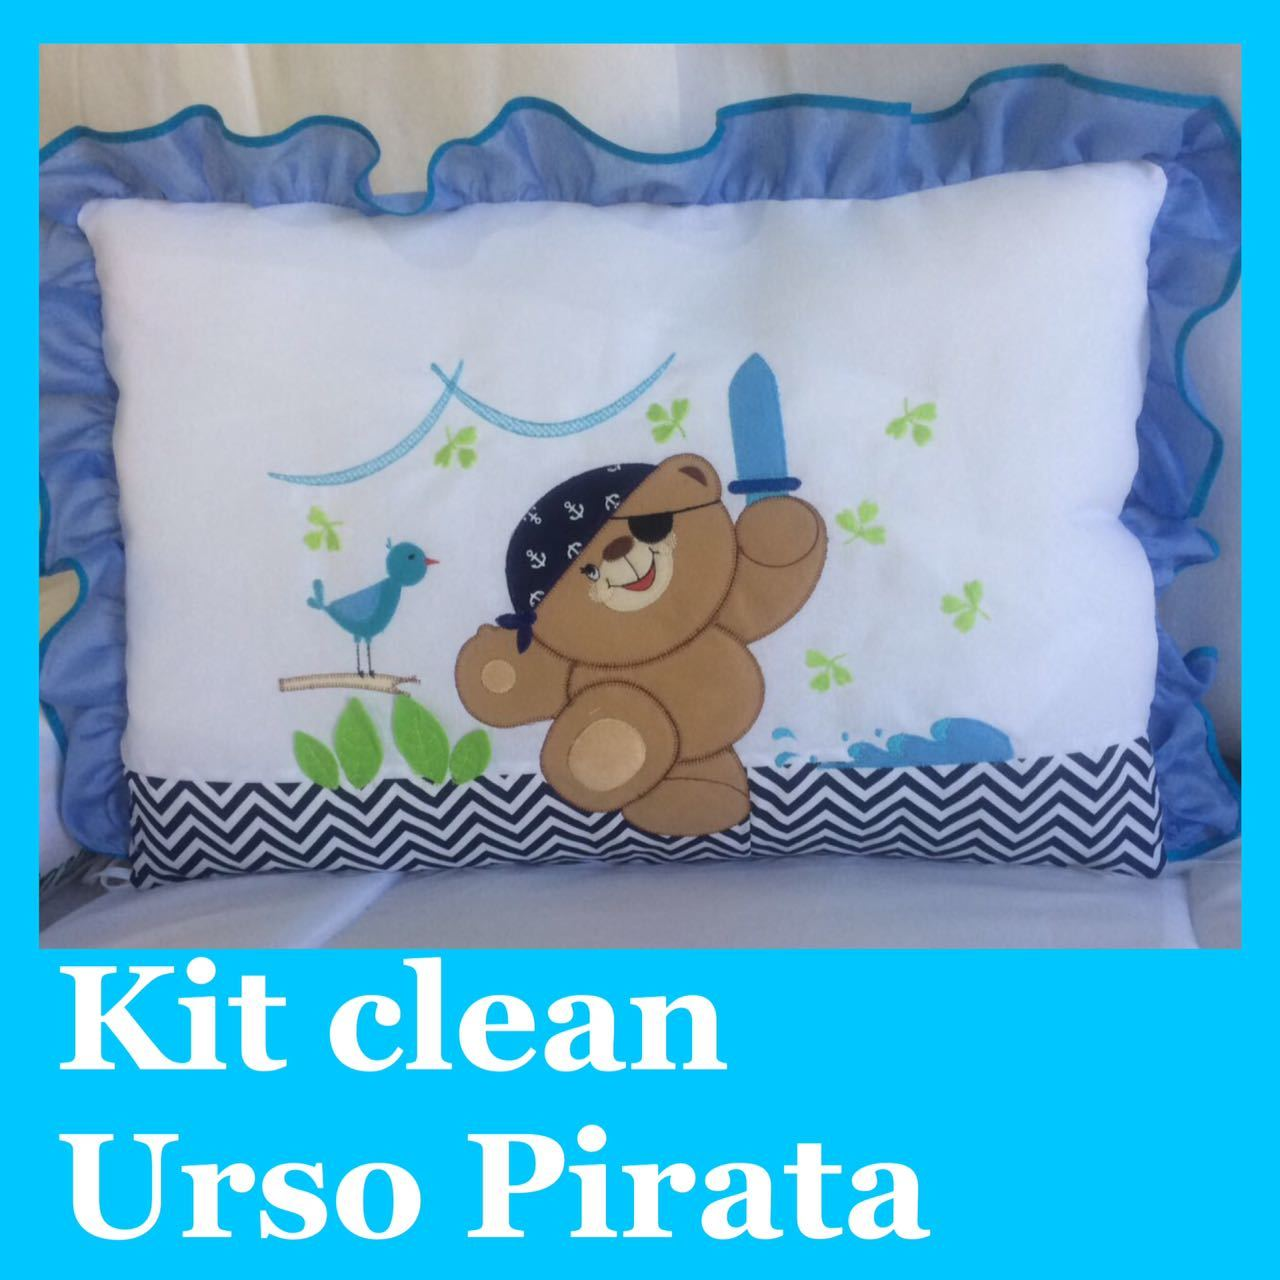 Kit Clean Urso Pirata